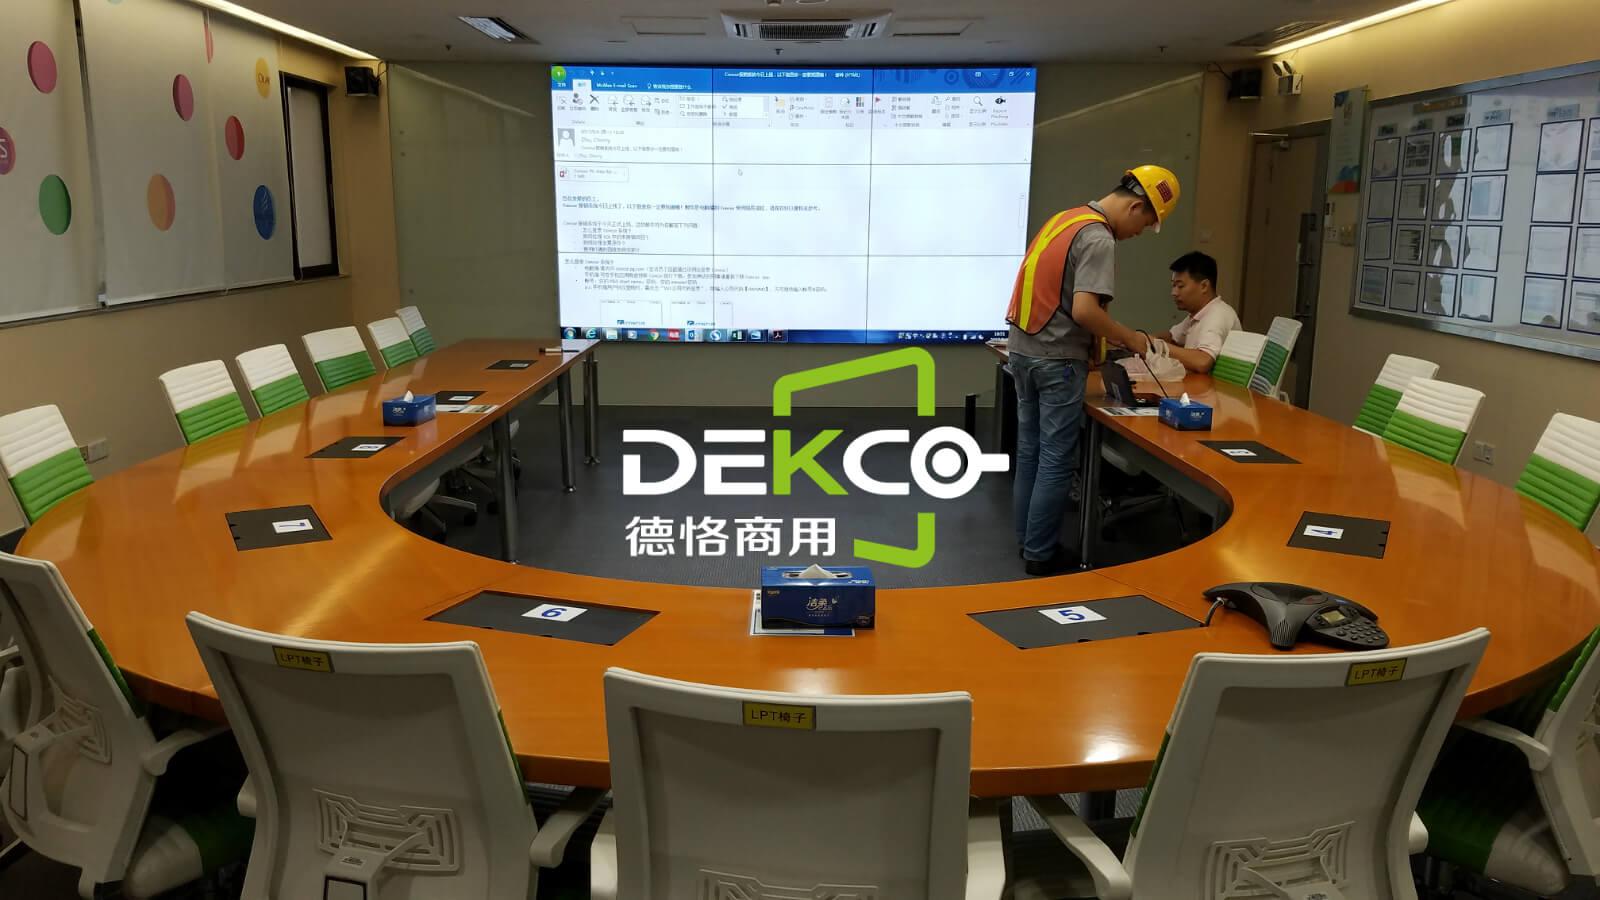 如何给会议室的液晶拼接屏添置无线投屏功能,实现笔记本,手机画面投屏显示_按键